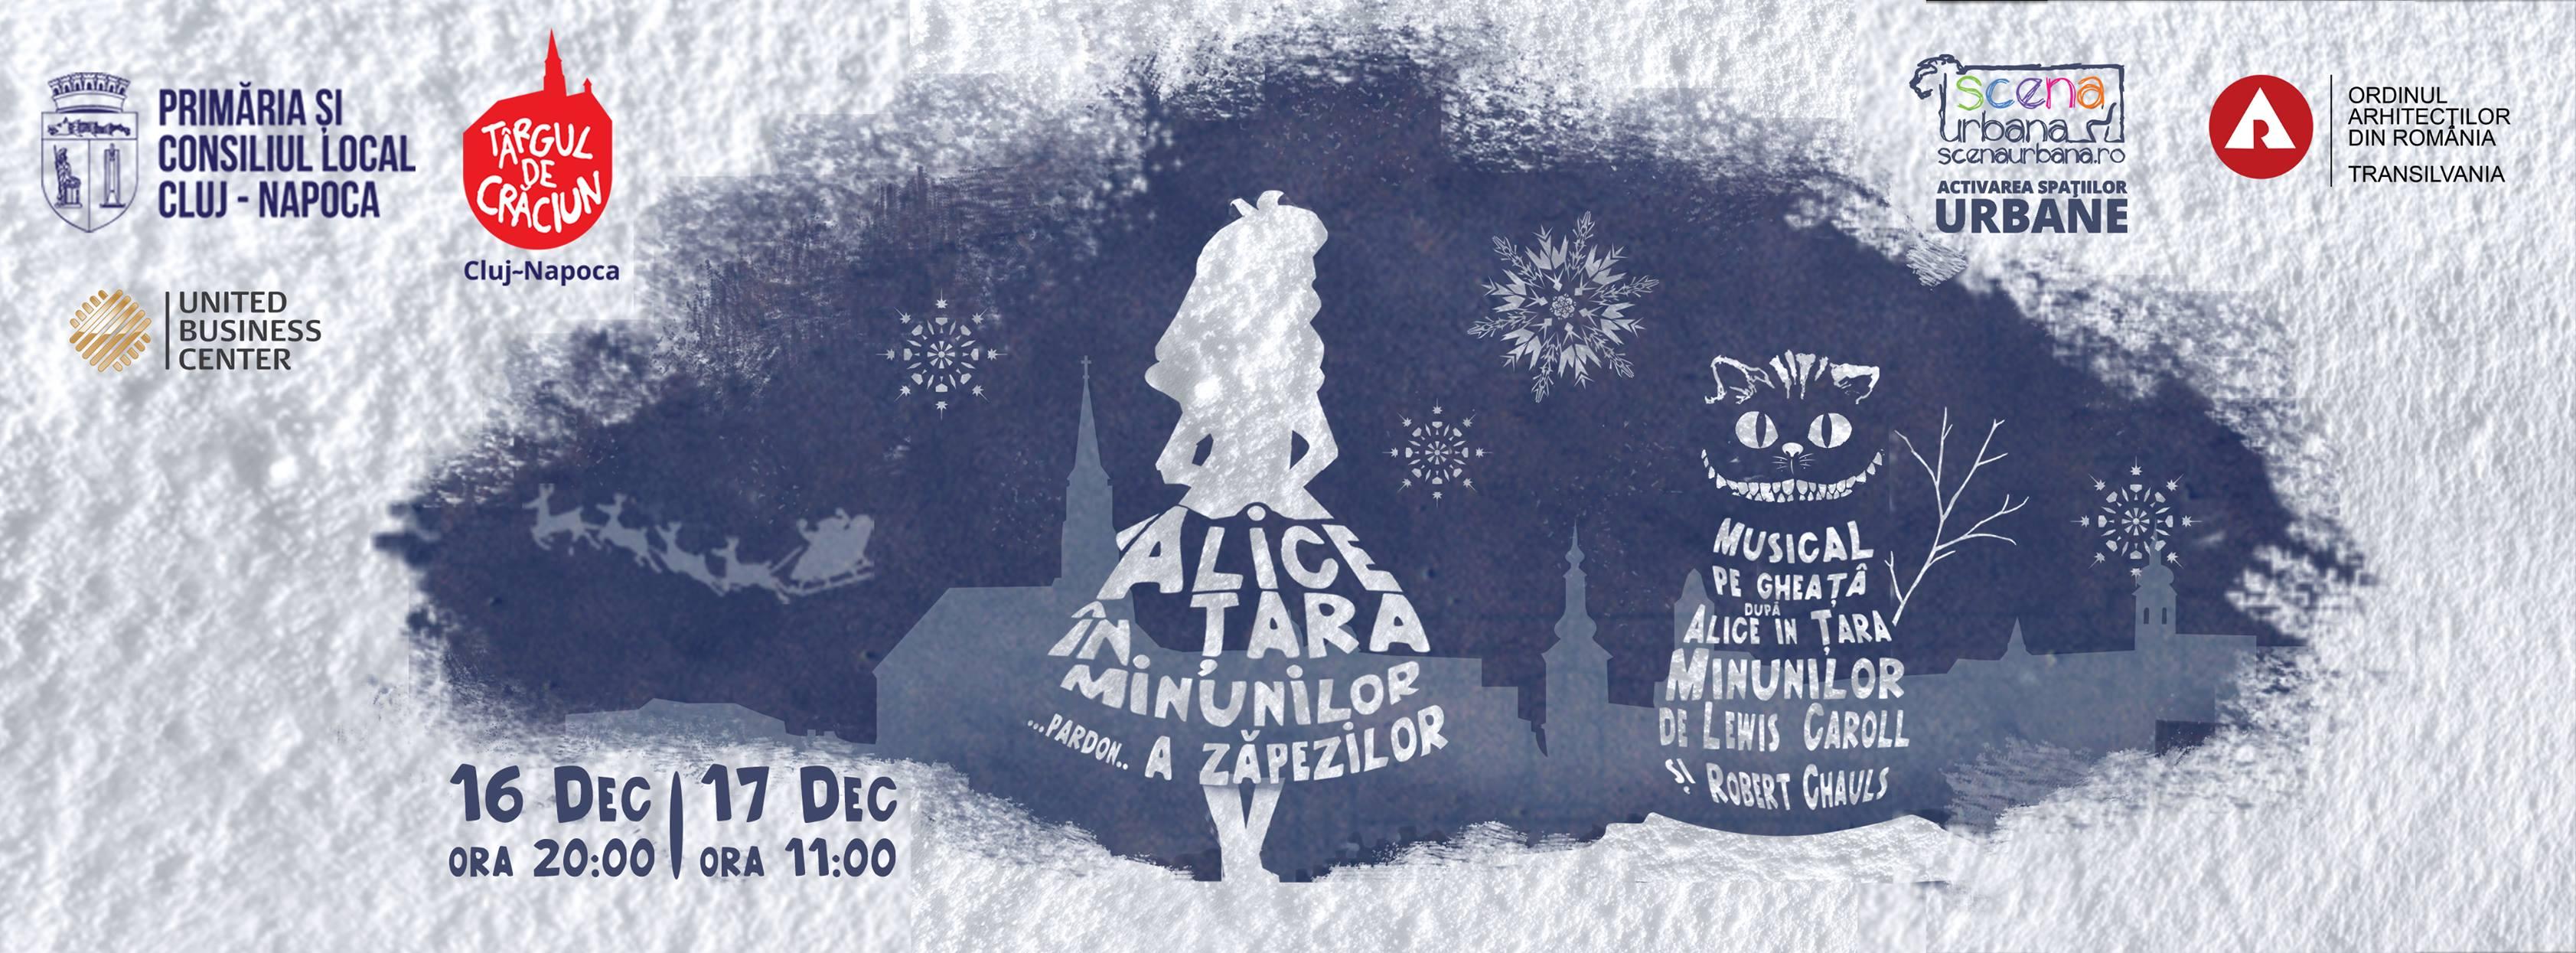 Alice în Ţara Zăpezilor – Musical pe gheaţă @ Piața Unirii